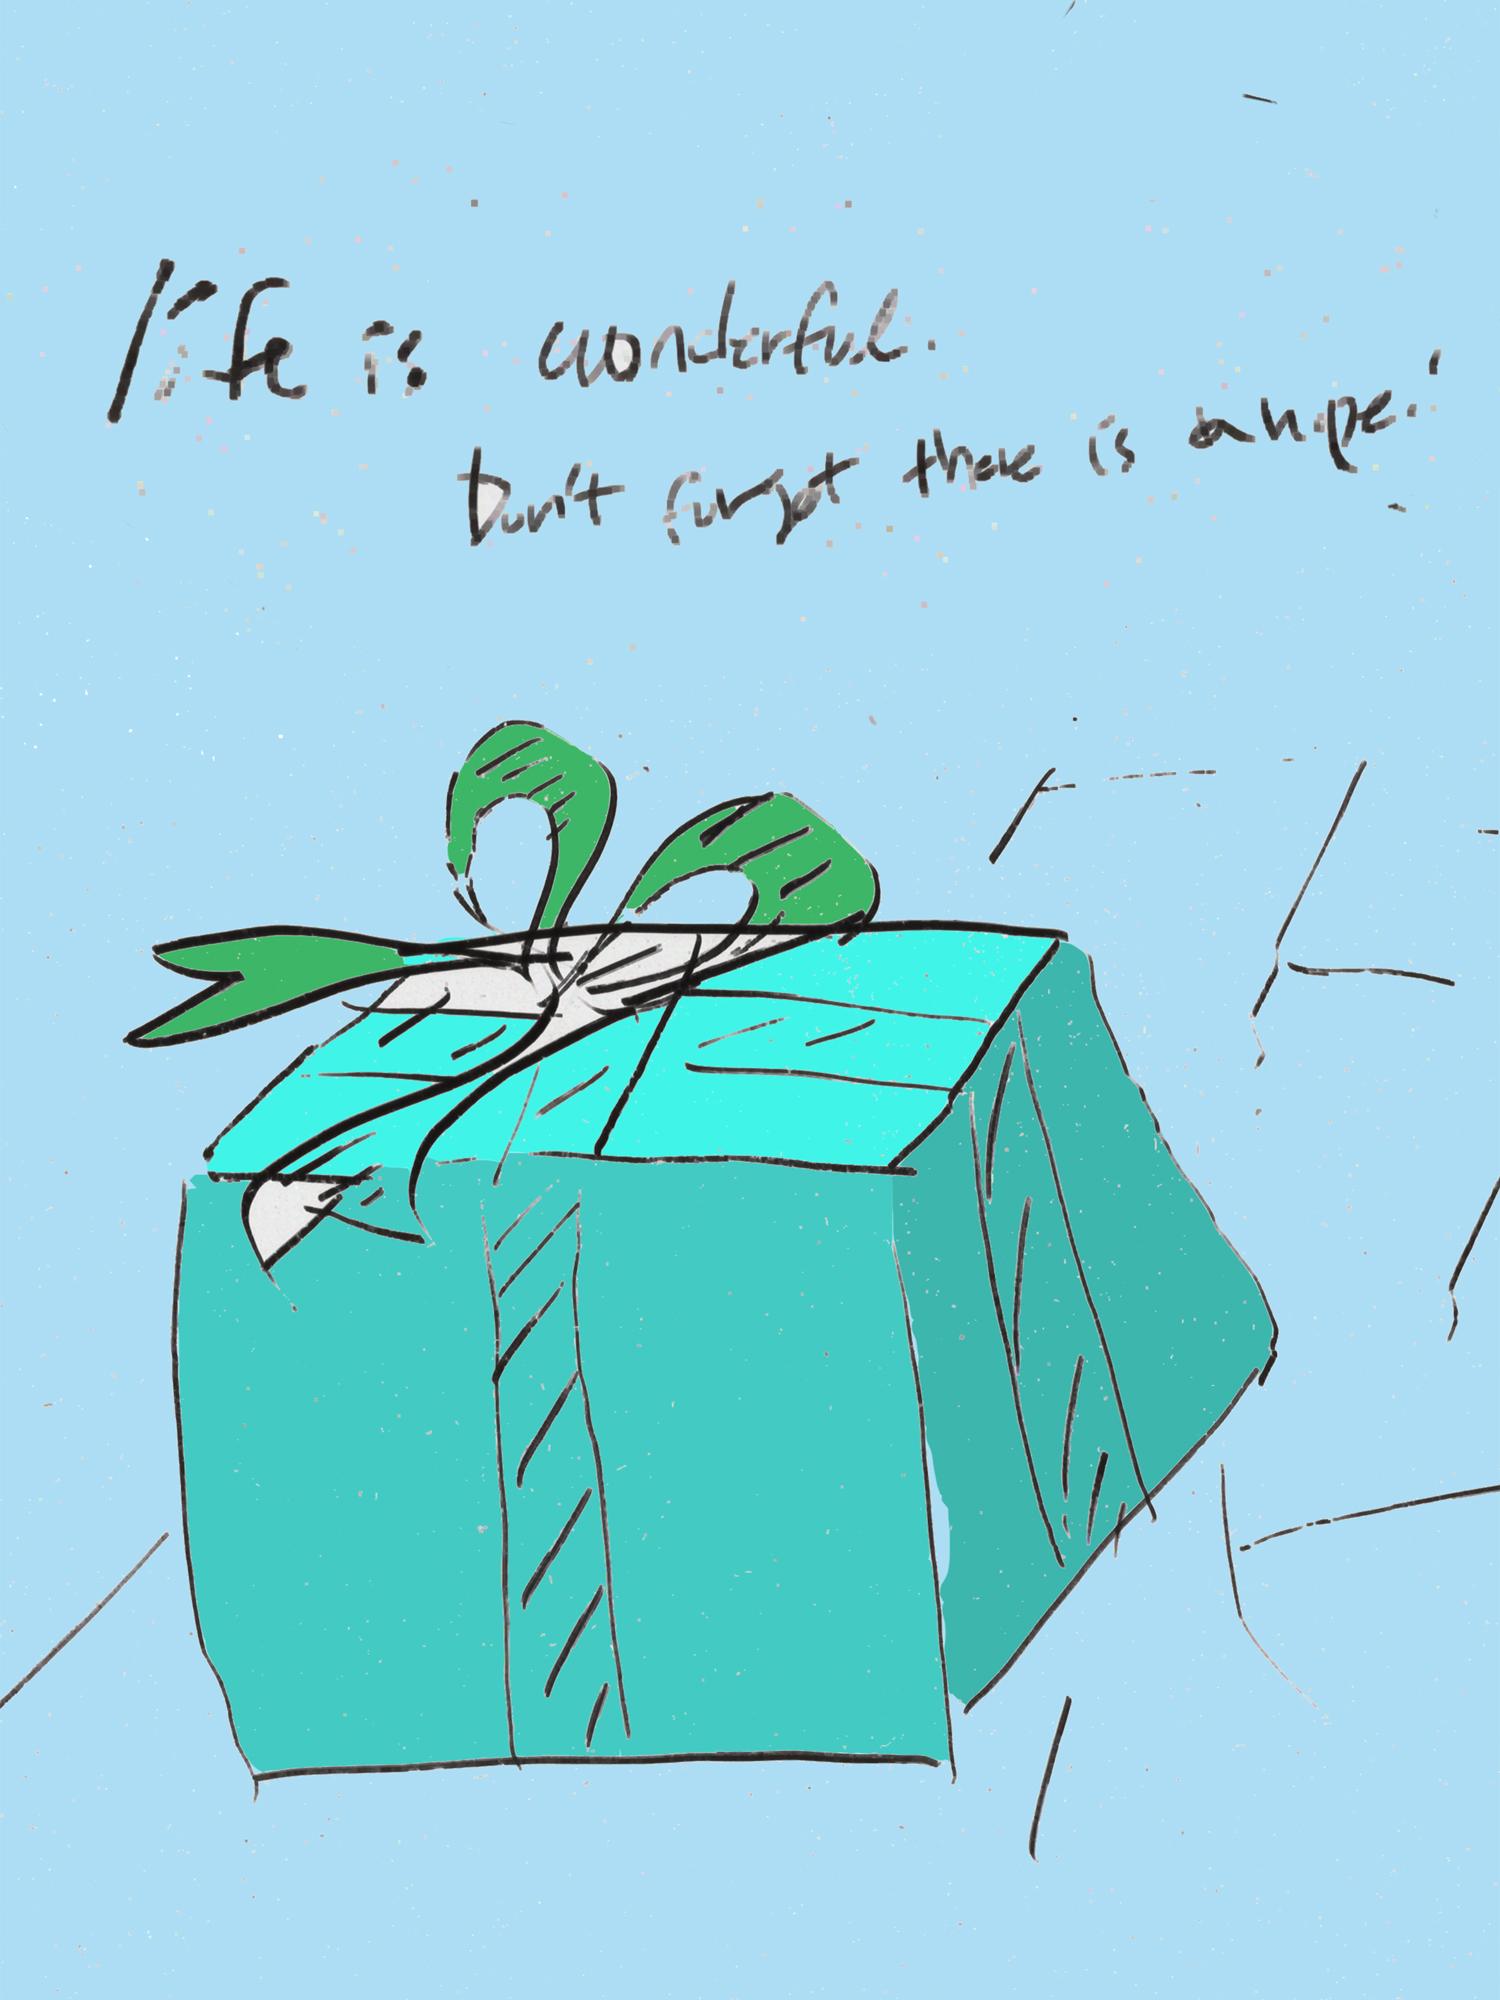 life is wonderful_unopened package.jpg